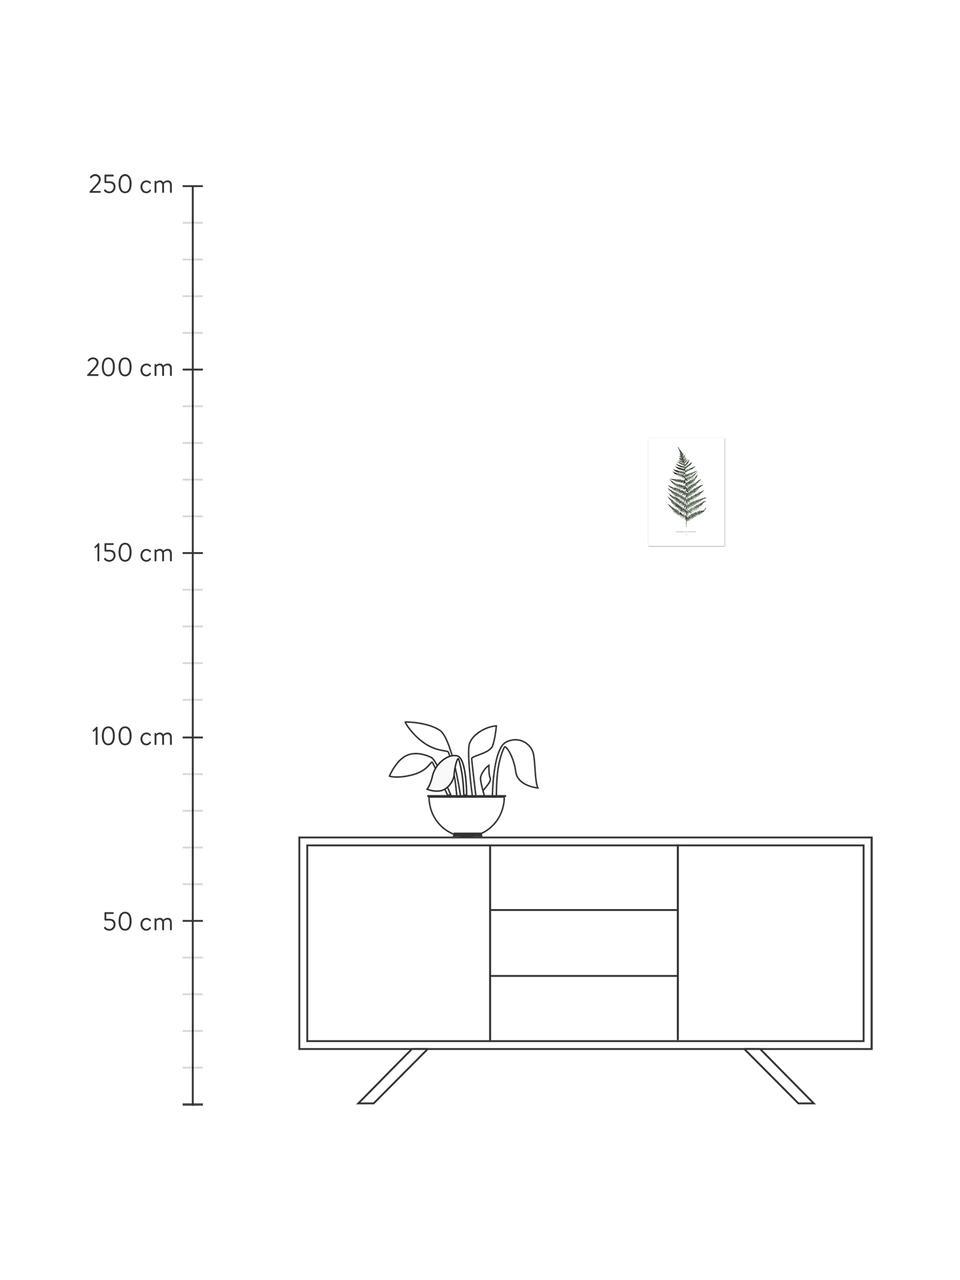 Poster Fern, Digitaldruck auf Papier, 200 g/m², Weiß, Grün, 21 x 30 cm